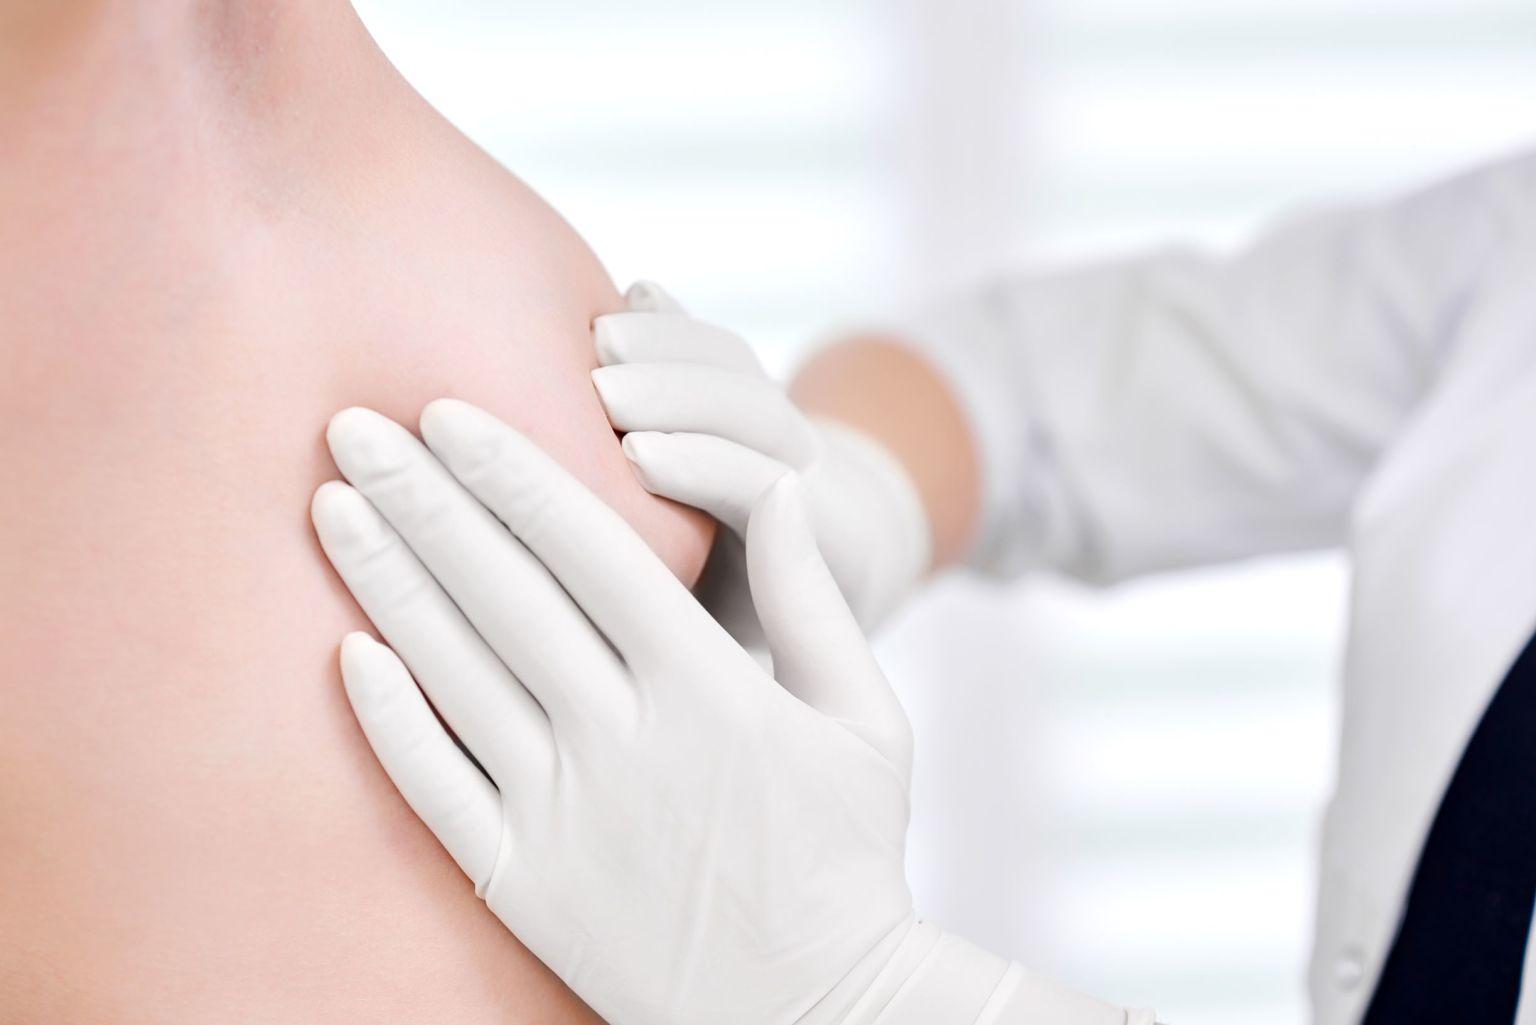 Händer med handskar undersöker ett bröst.